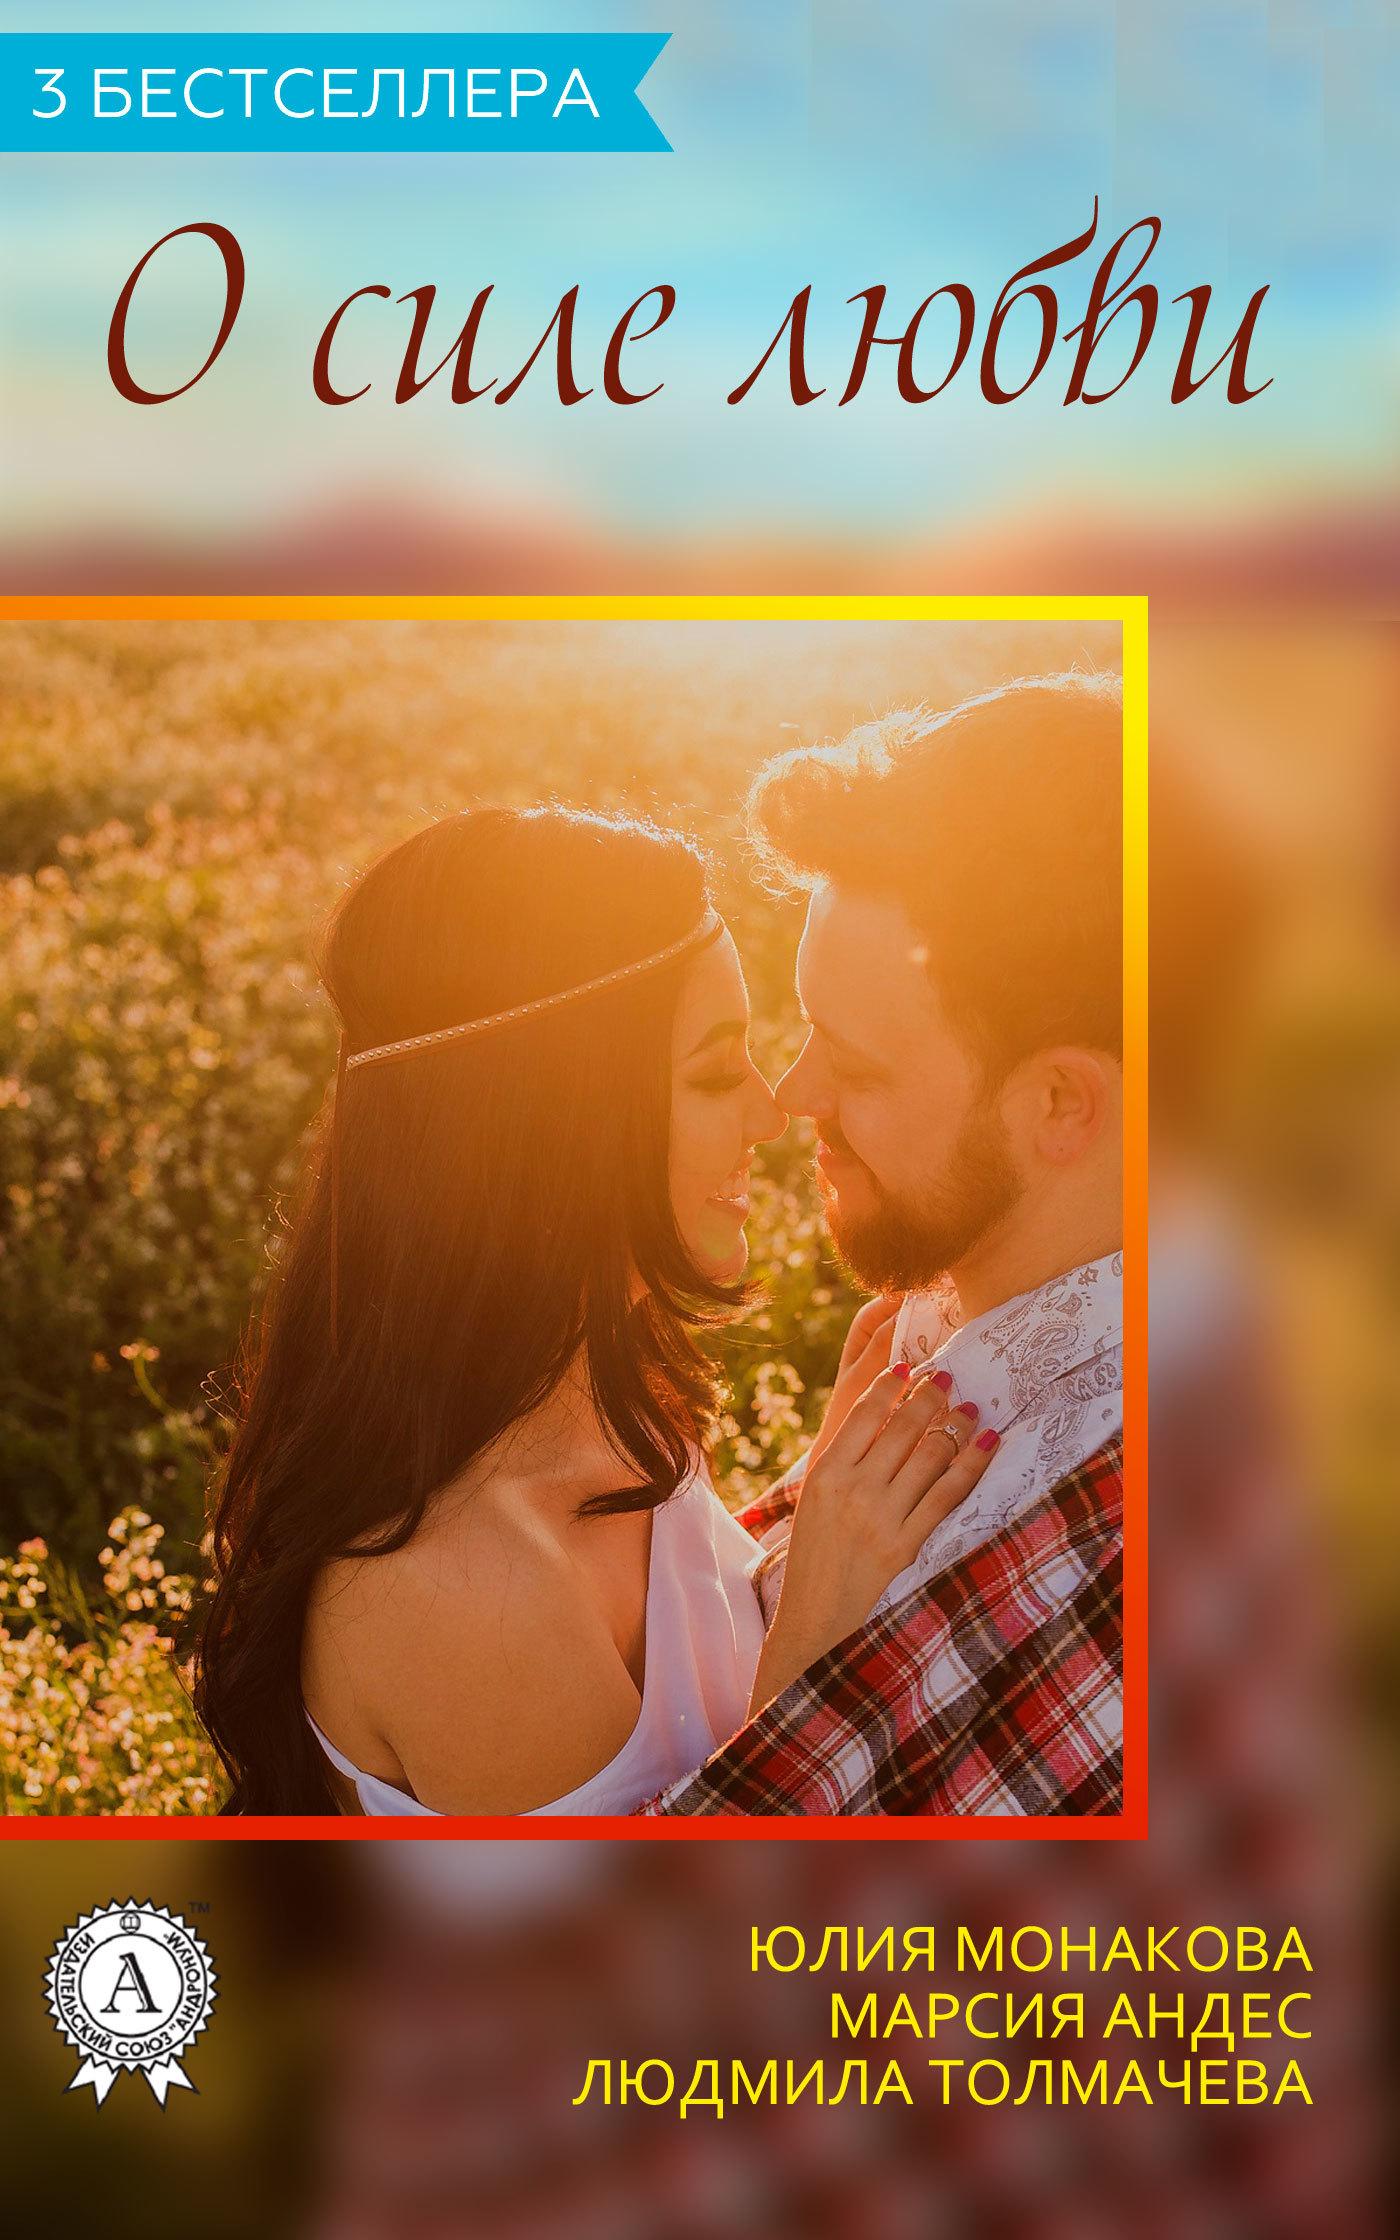 цена Марсия Андес Сборник «3 бестселлера о силе любви»